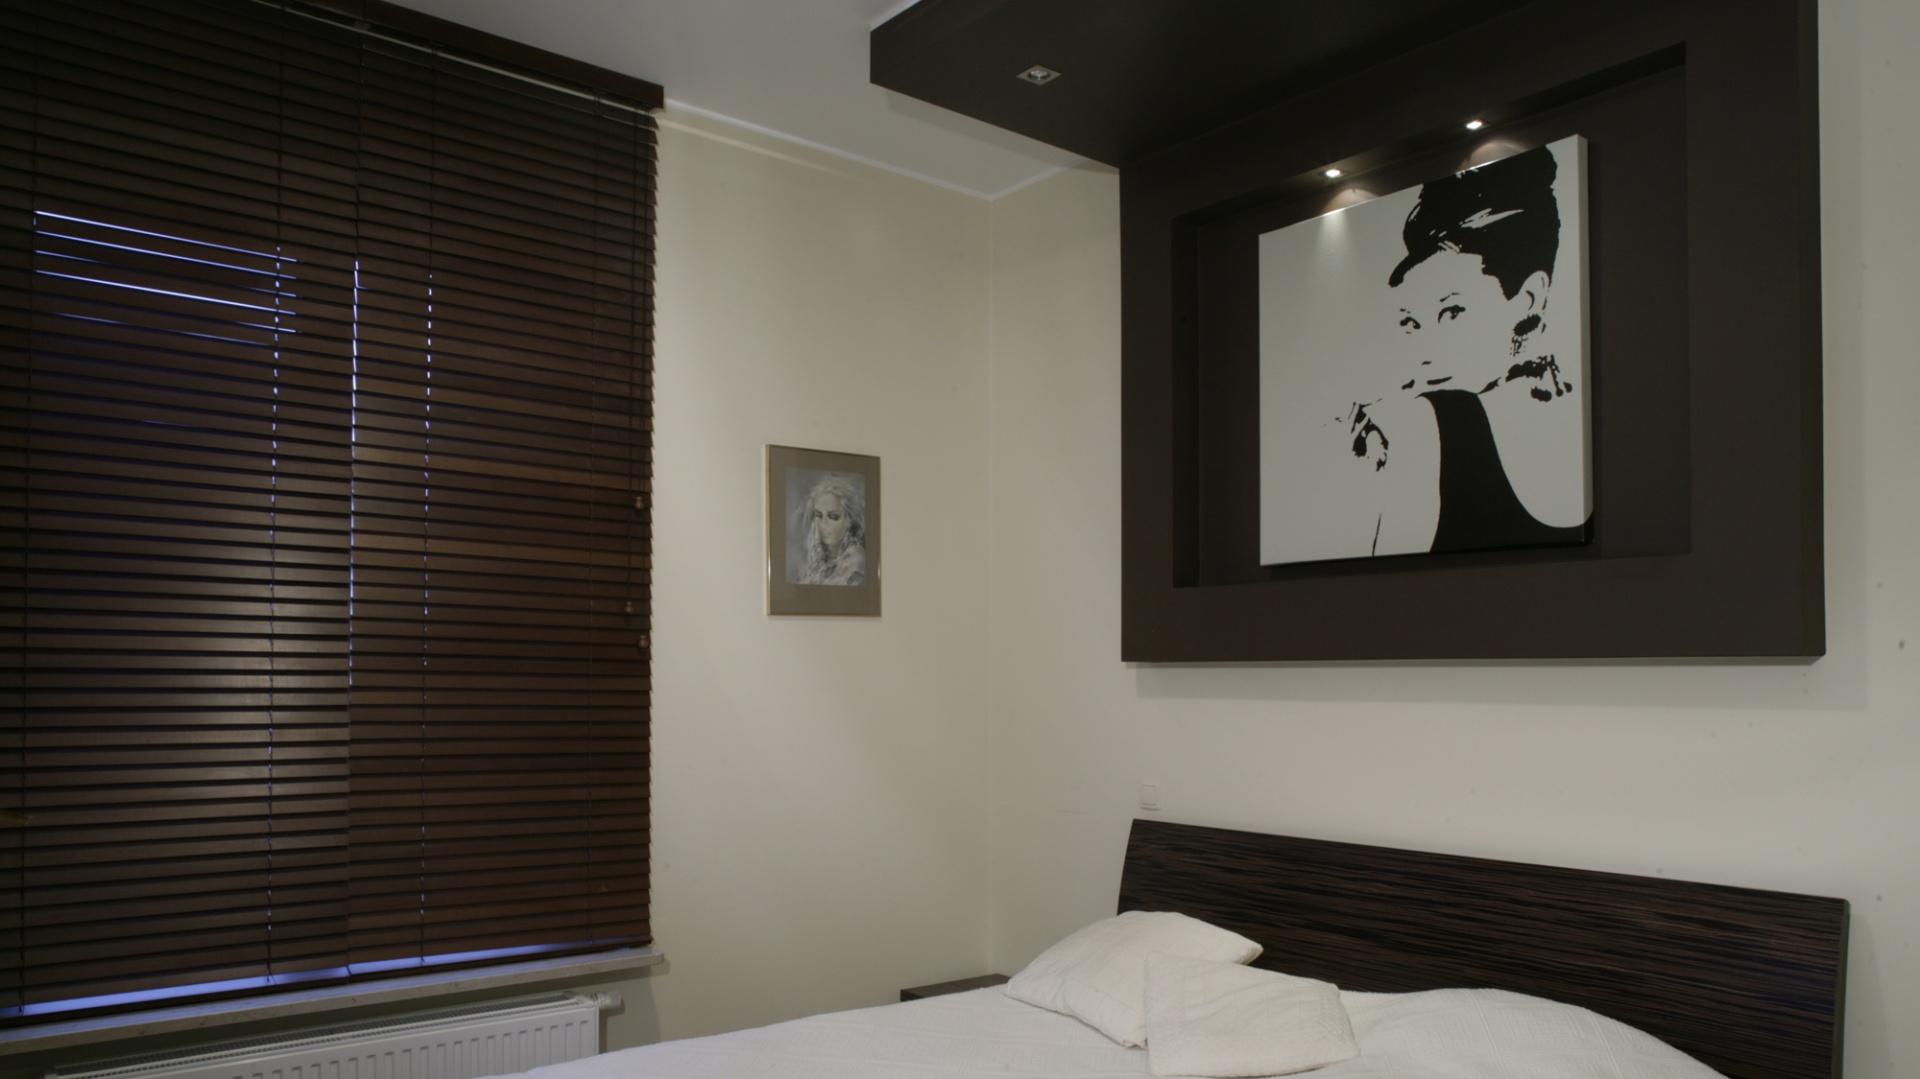 Skromną, choć niezwykle kobiecą, przestrzeń sypialni wypełnia ogromne łóżko fornirowane hebanem, z mocnym czarno-brązowym wzorem. Na ścianie zawieszono konstrukcję z suchego tynku. Fot. Monika Filipiuk.